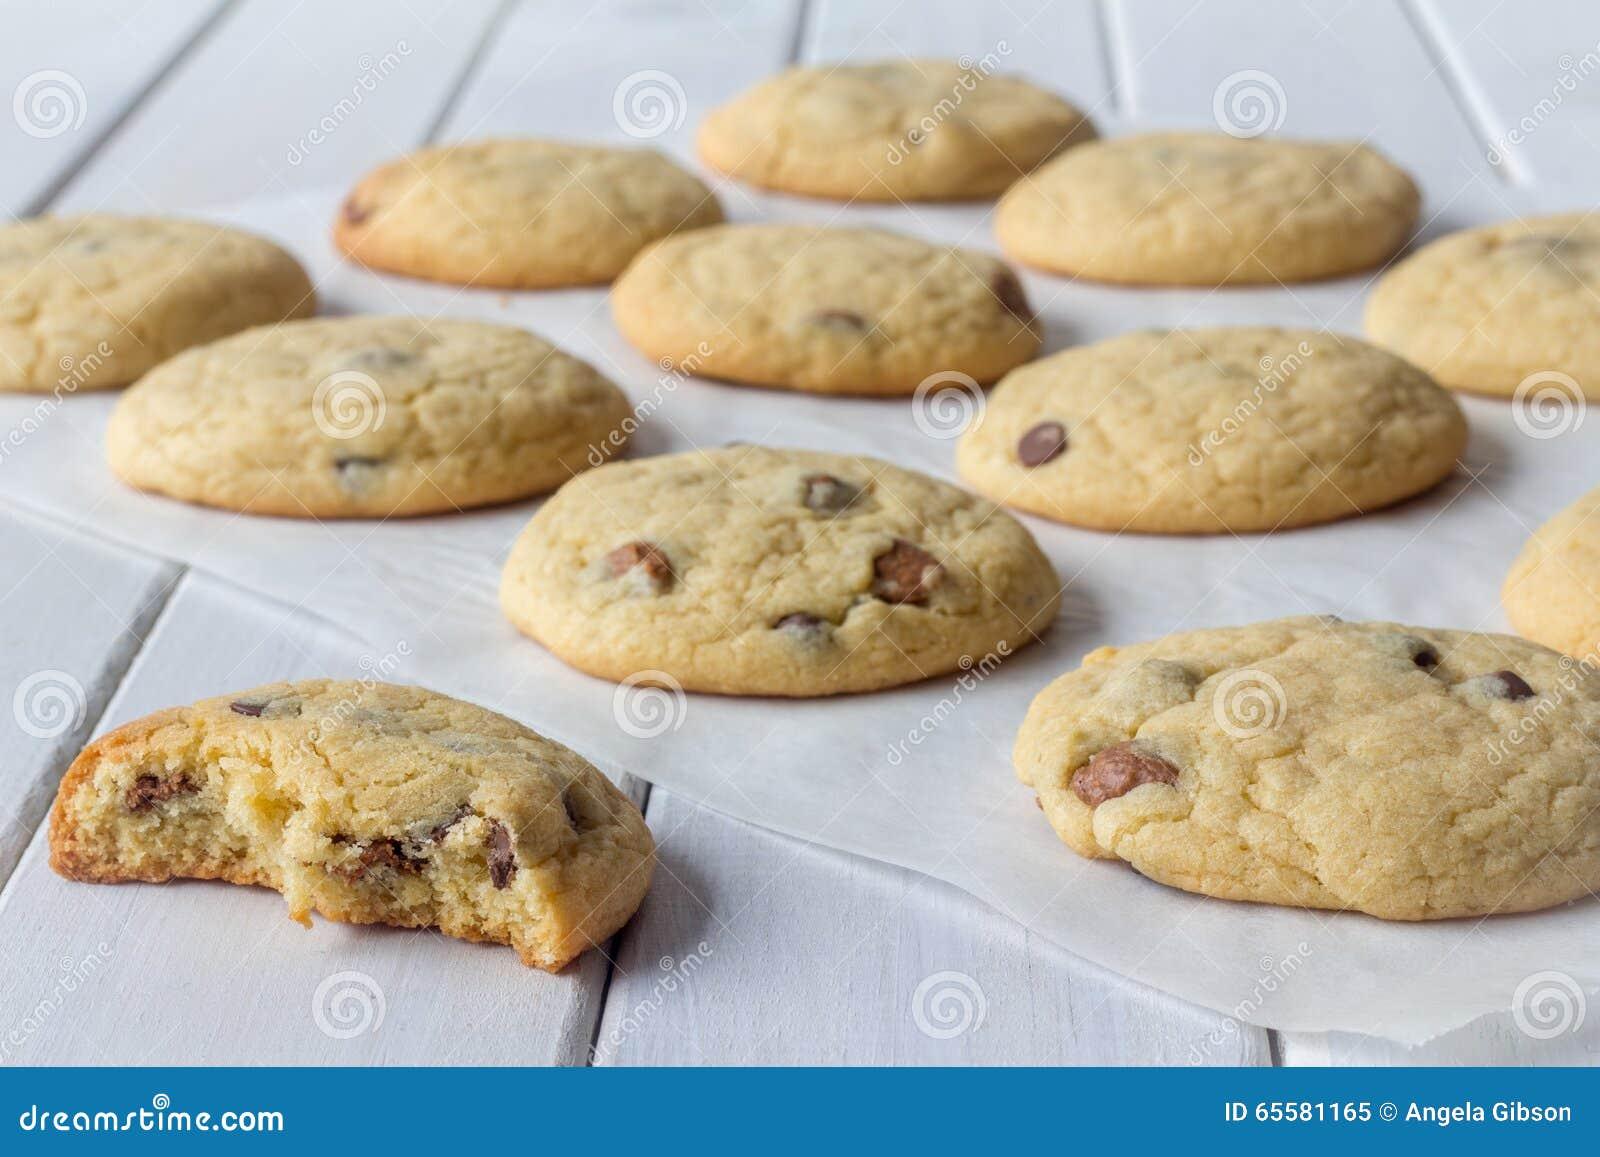 Cookies no papel do cozimento com um comido em parte